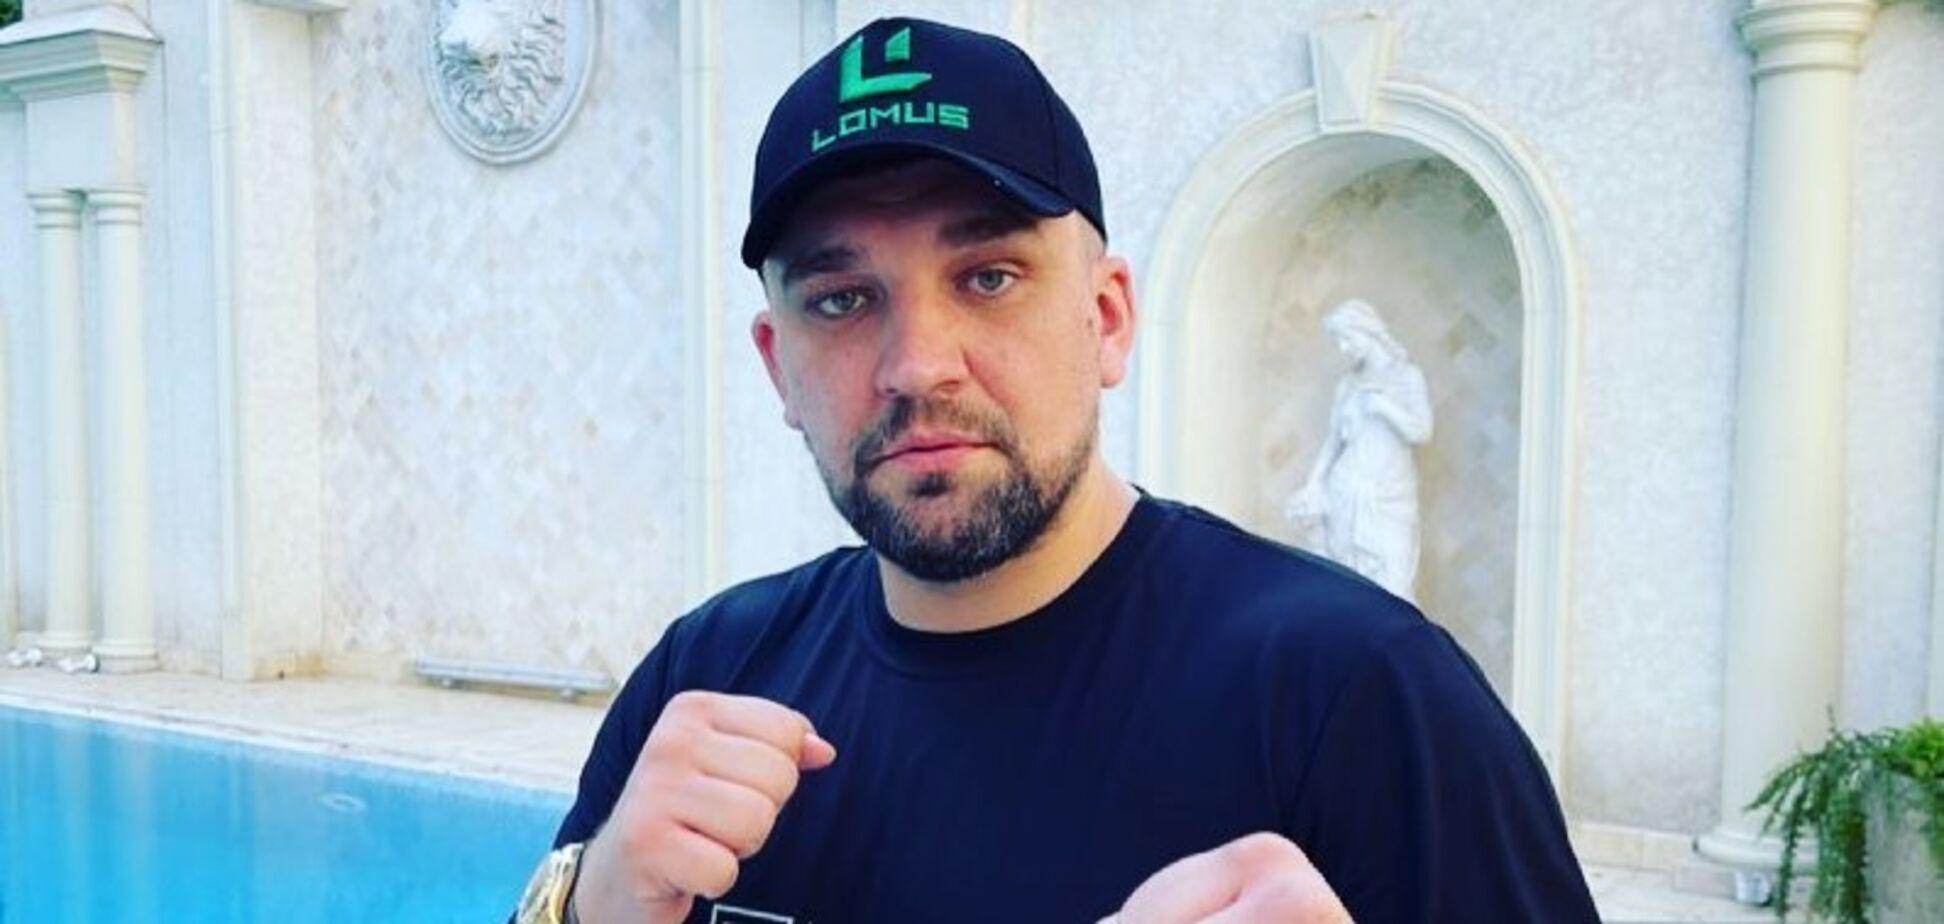 Скандальный рэпер Баста снова собрался в Украину с концертом